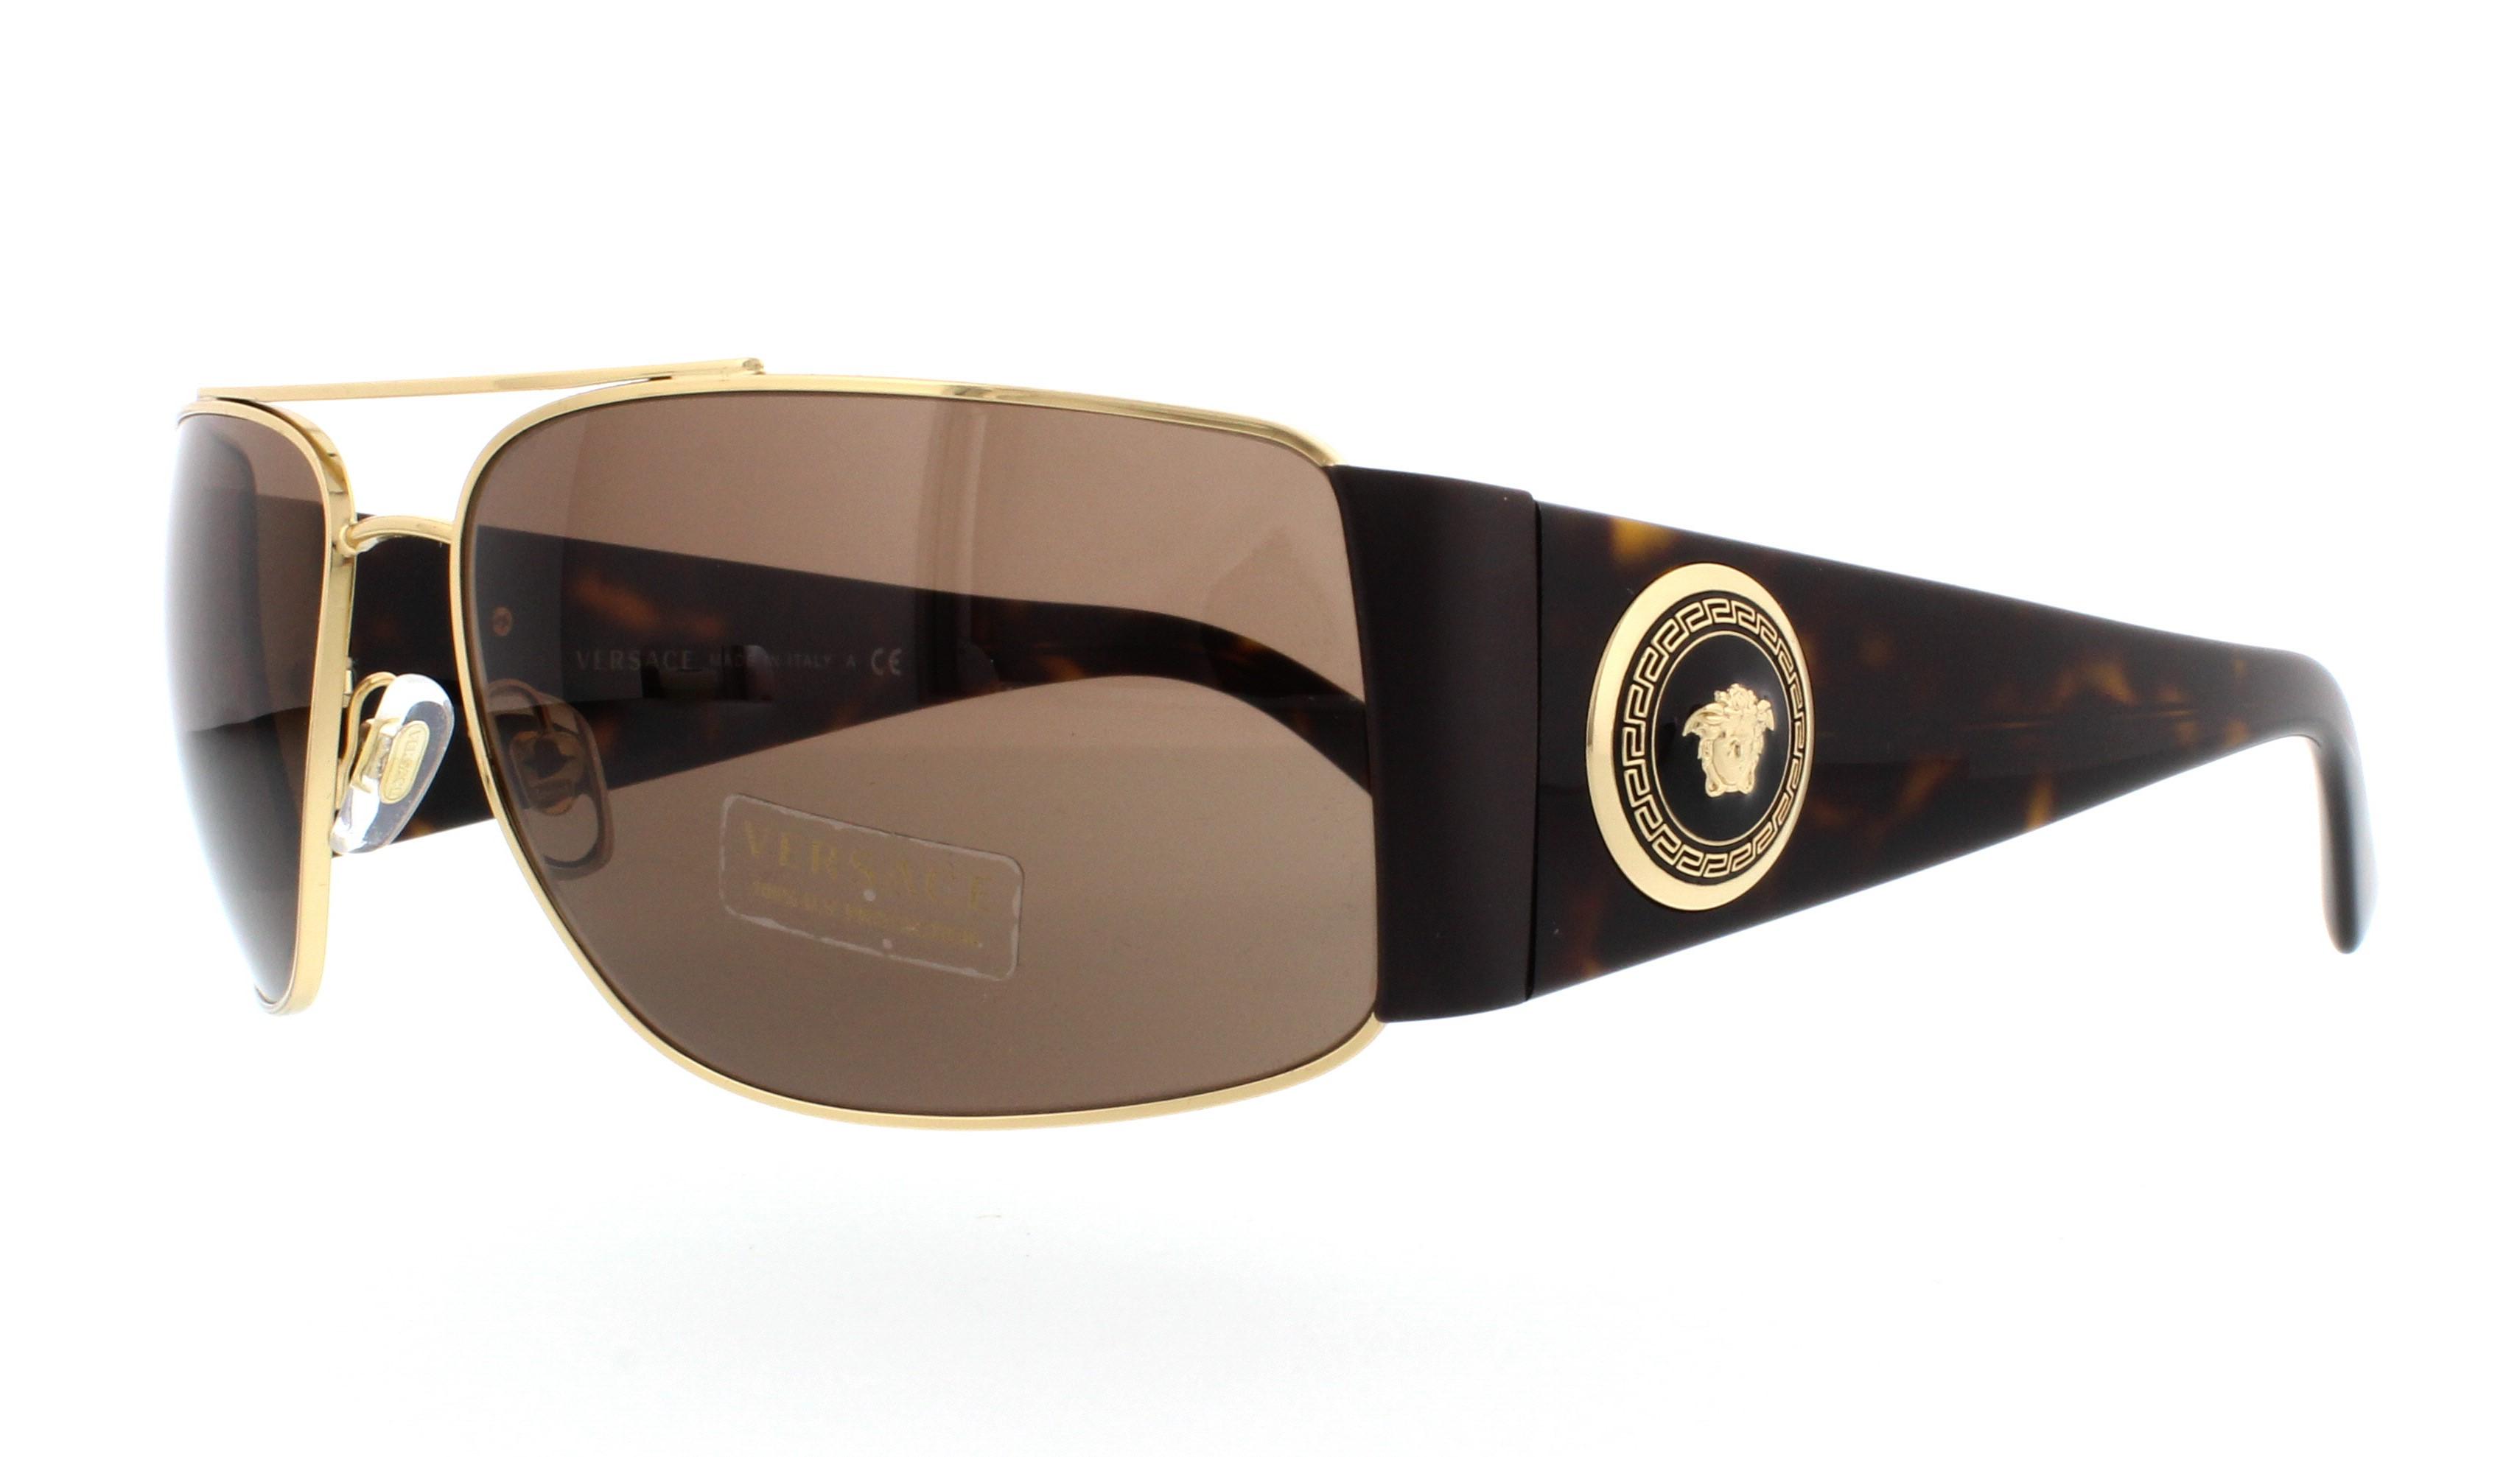 d9a751a9572 Designer Frames Outlet. Versace VE2163